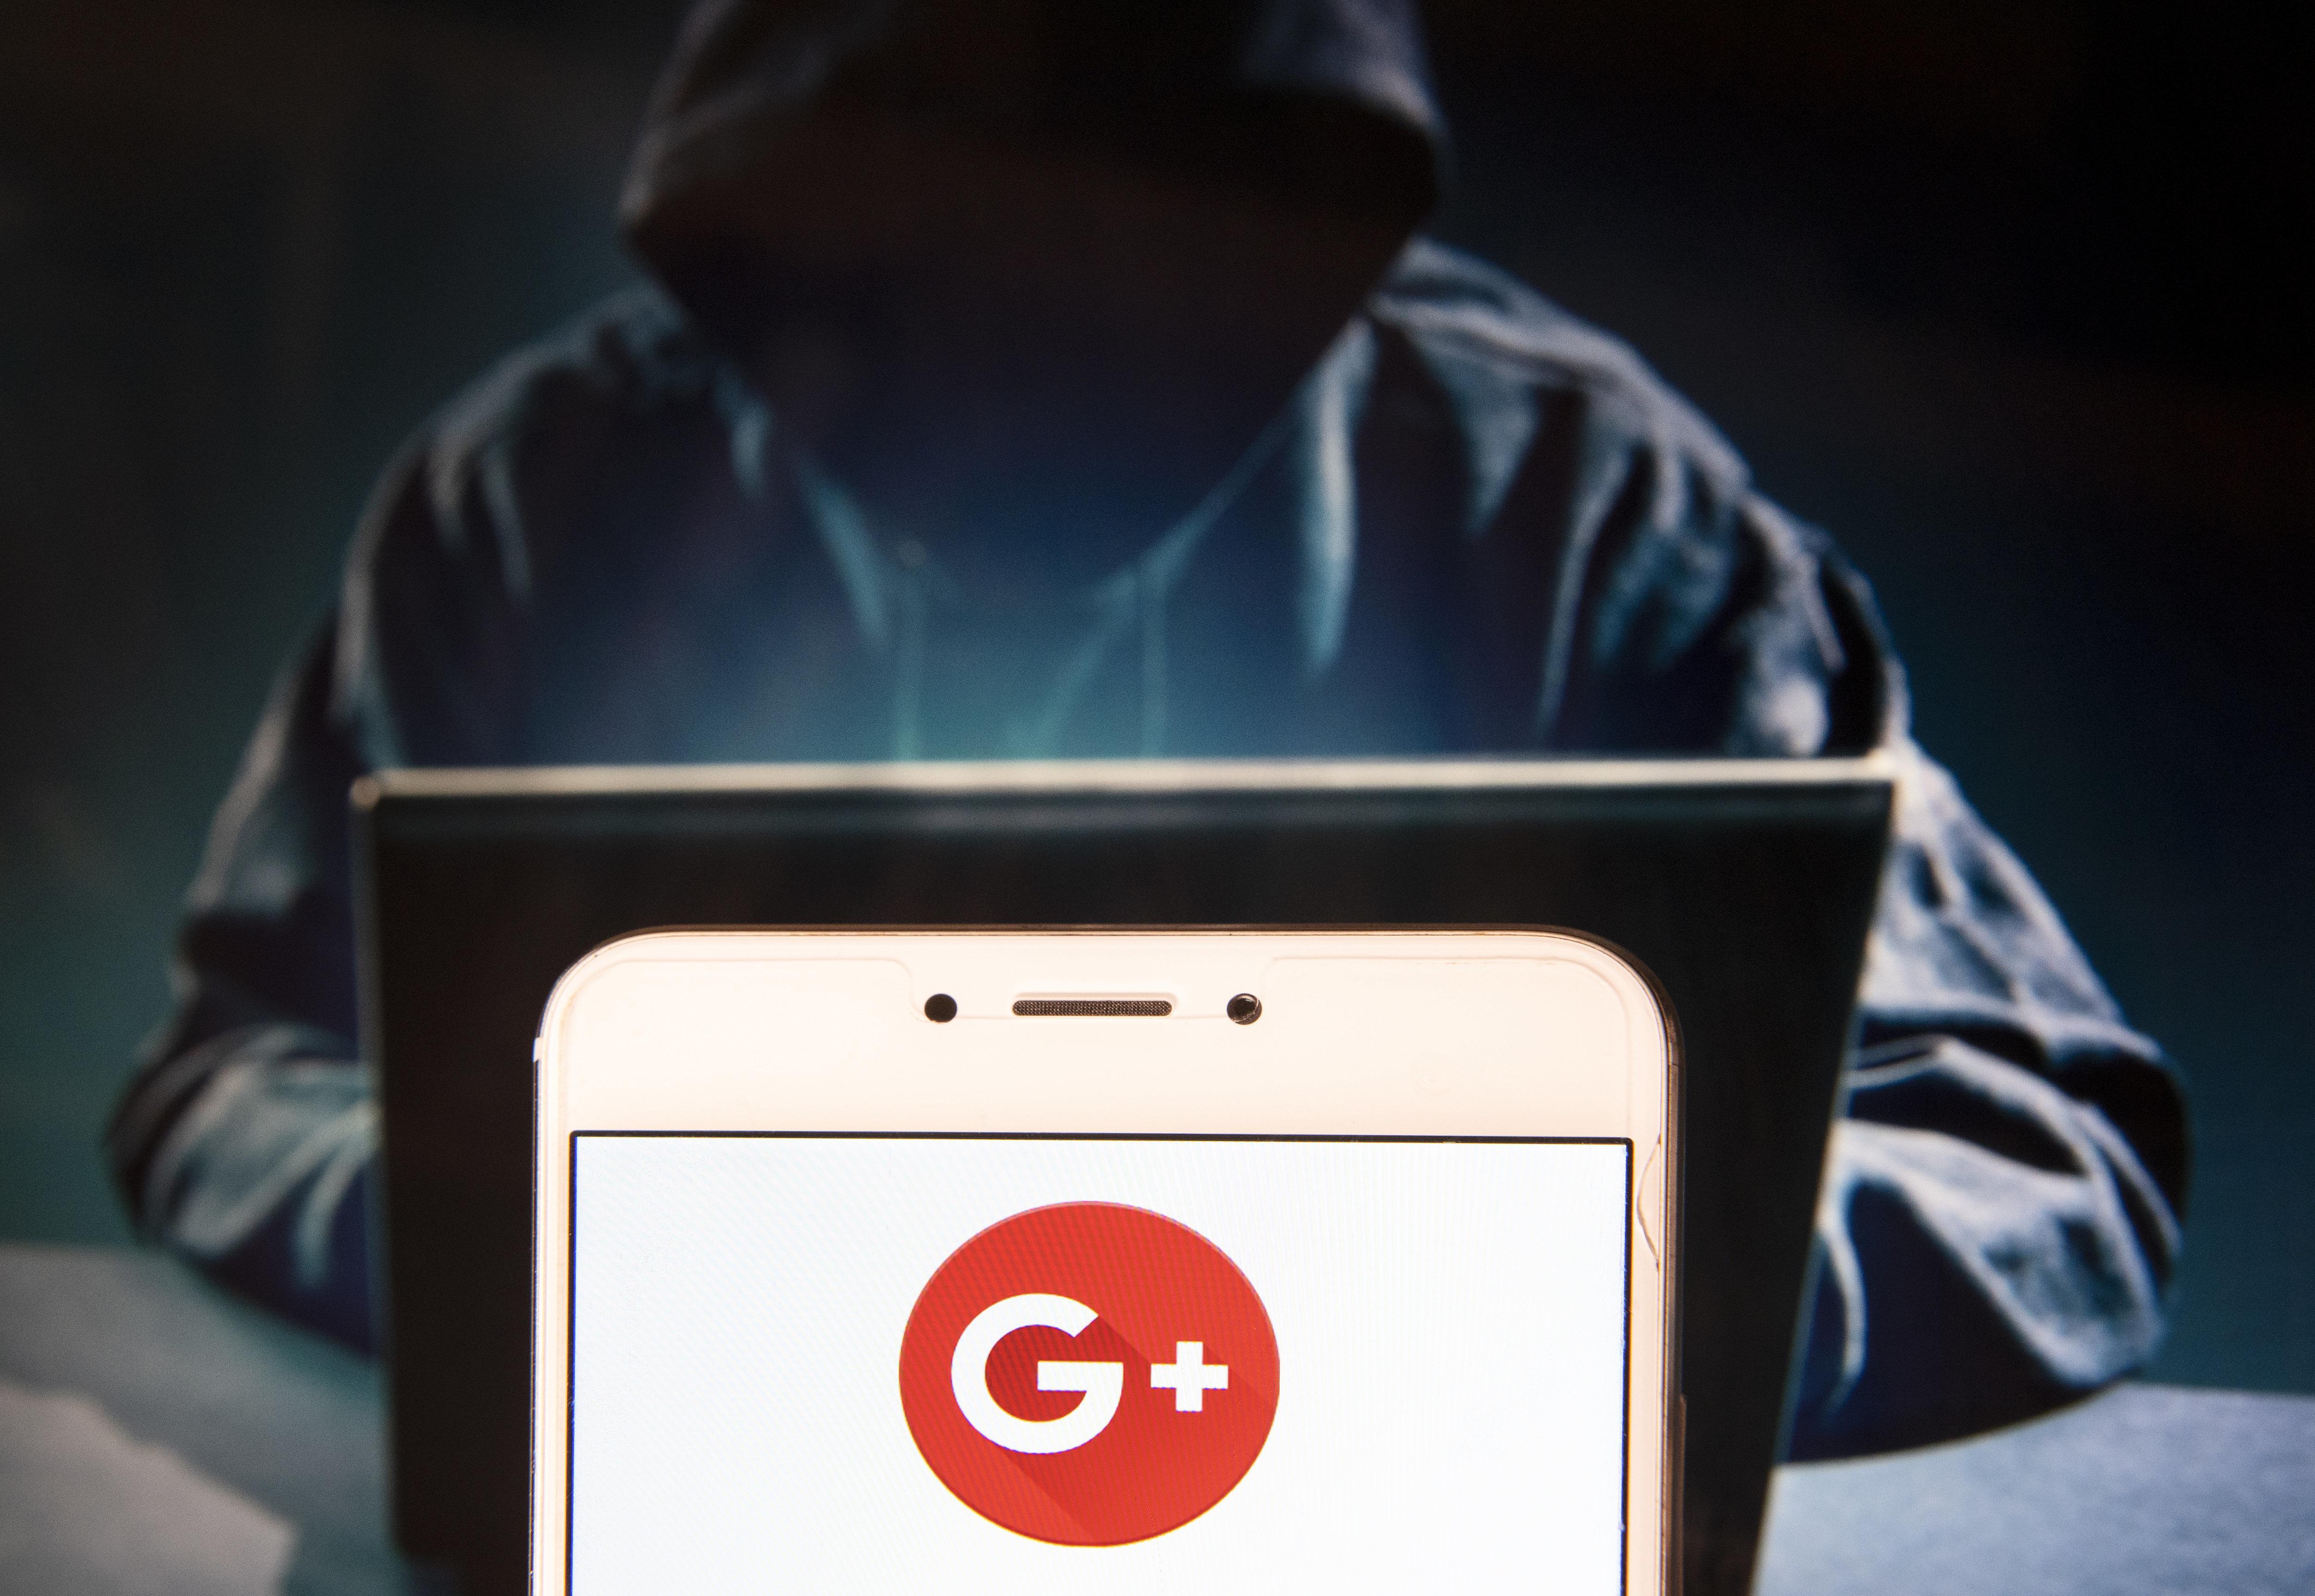 Κλείνει νωρίτερα του προγραμματισμένου του Google+, εξαιτίας διαρροής προσωπικών